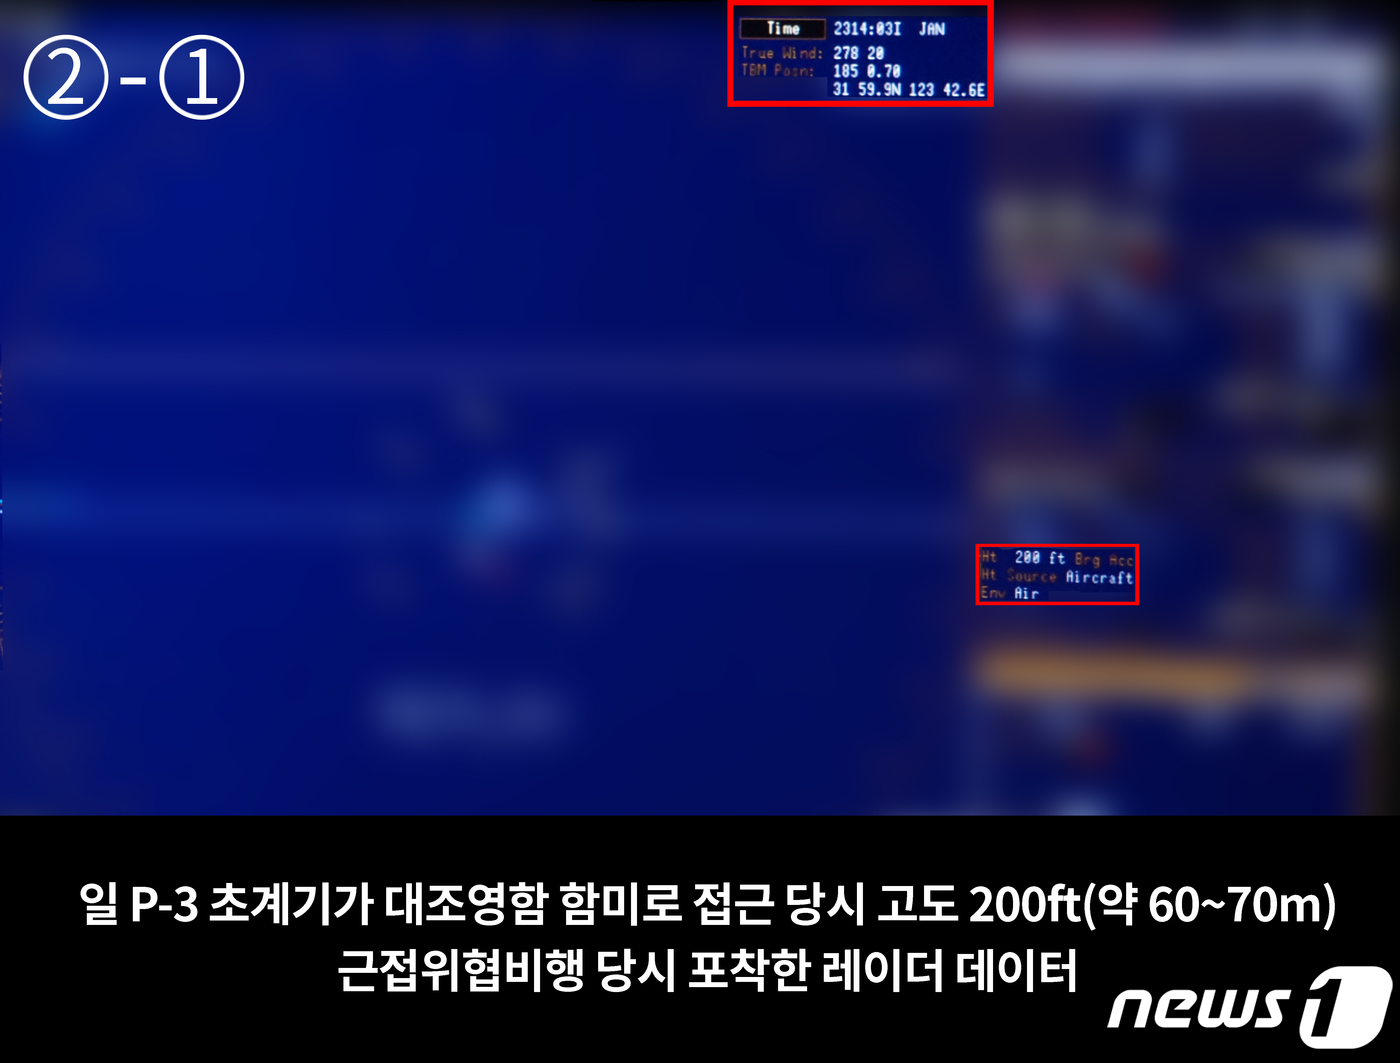 10월 日자위대 관함식에 韓해군 불참할 듯..'여전한 앙금'[WKBL팀별순위|아누비스 토토]